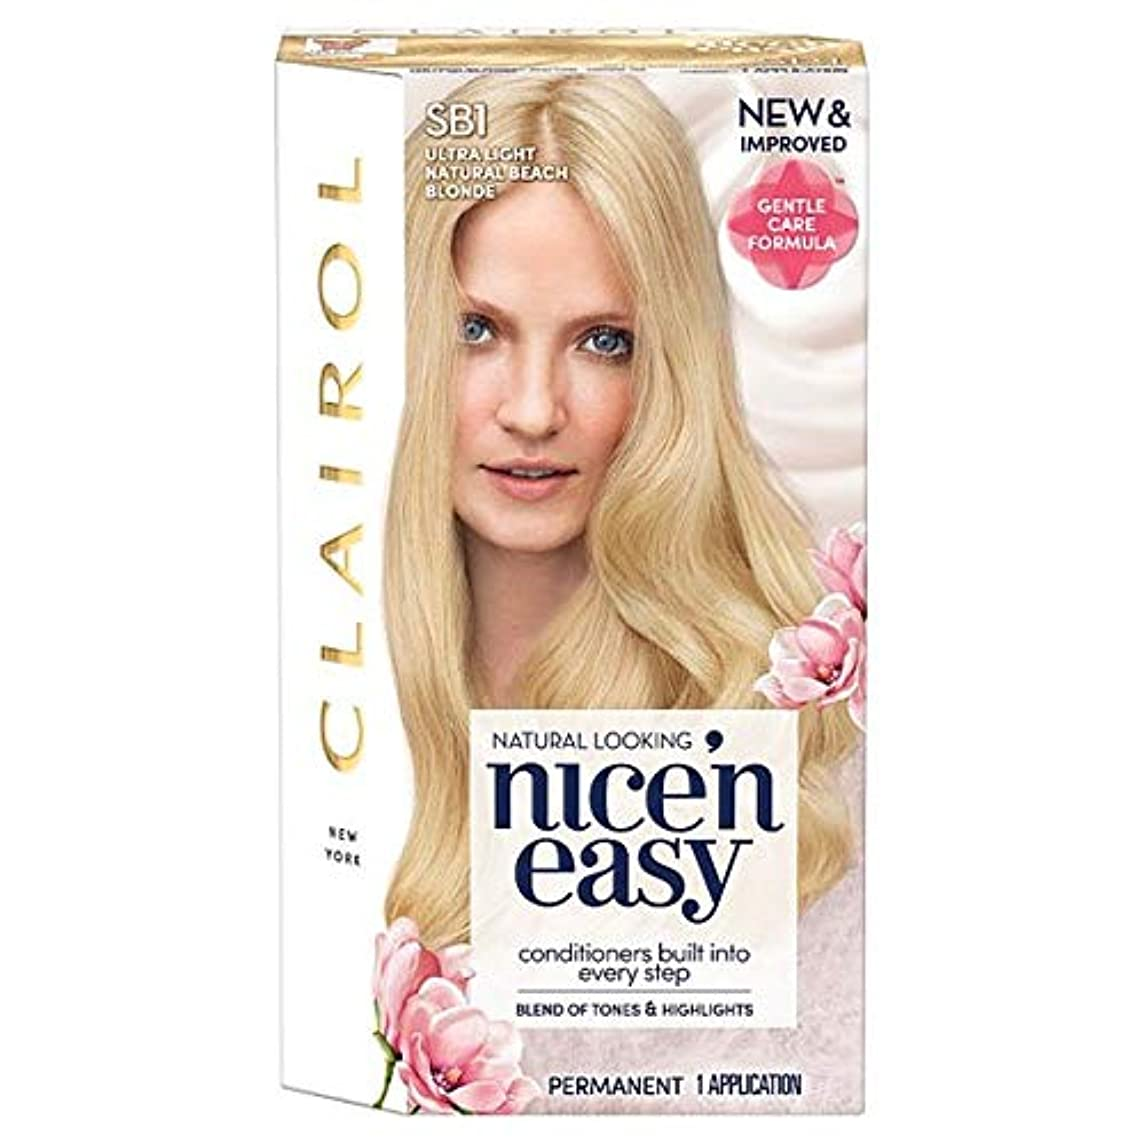 によるとエステートバウンド[Nice'n Easy] クレイロール素敵な「N簡単超軽量ナチュラルブロンドビーチSb1の染毛剤 - Clairol Nice 'N Easy Ultra Light Natural Blonde Beach Sb1 Hair Dye [並行輸入品]